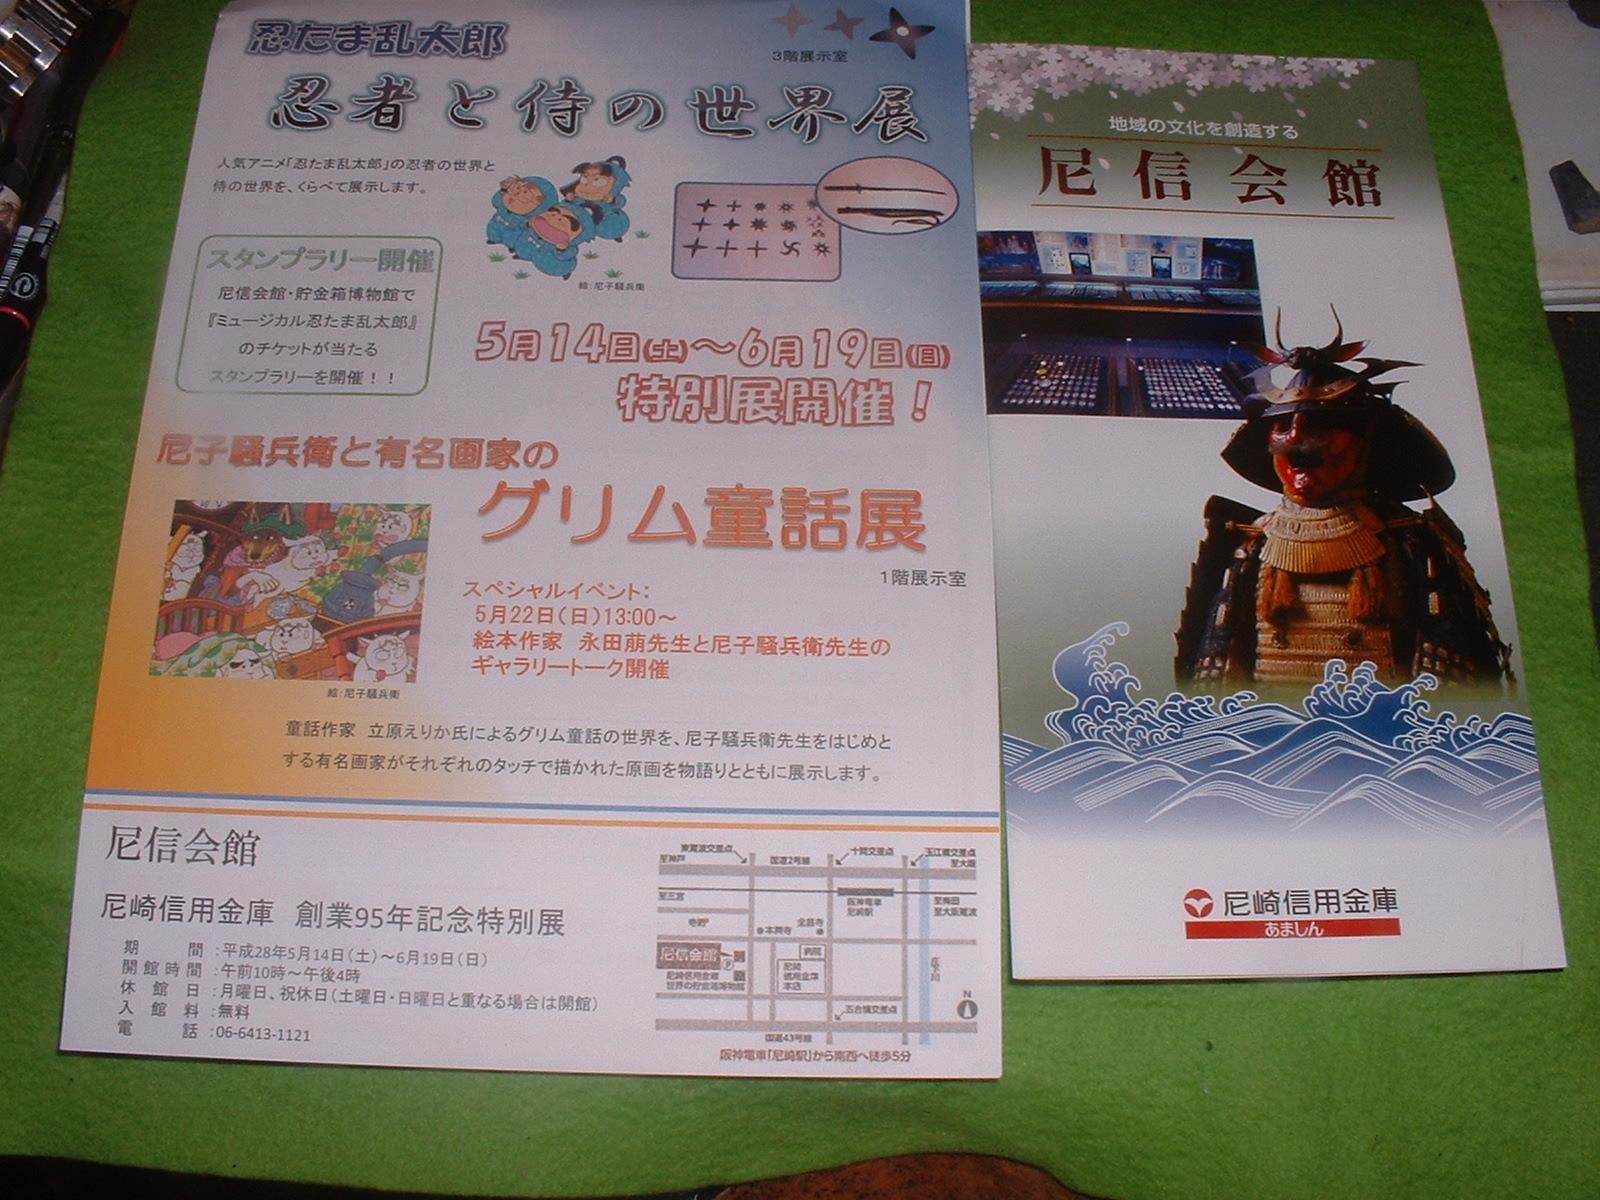 尼崎信用金庫 特別展示チラシ.JPG